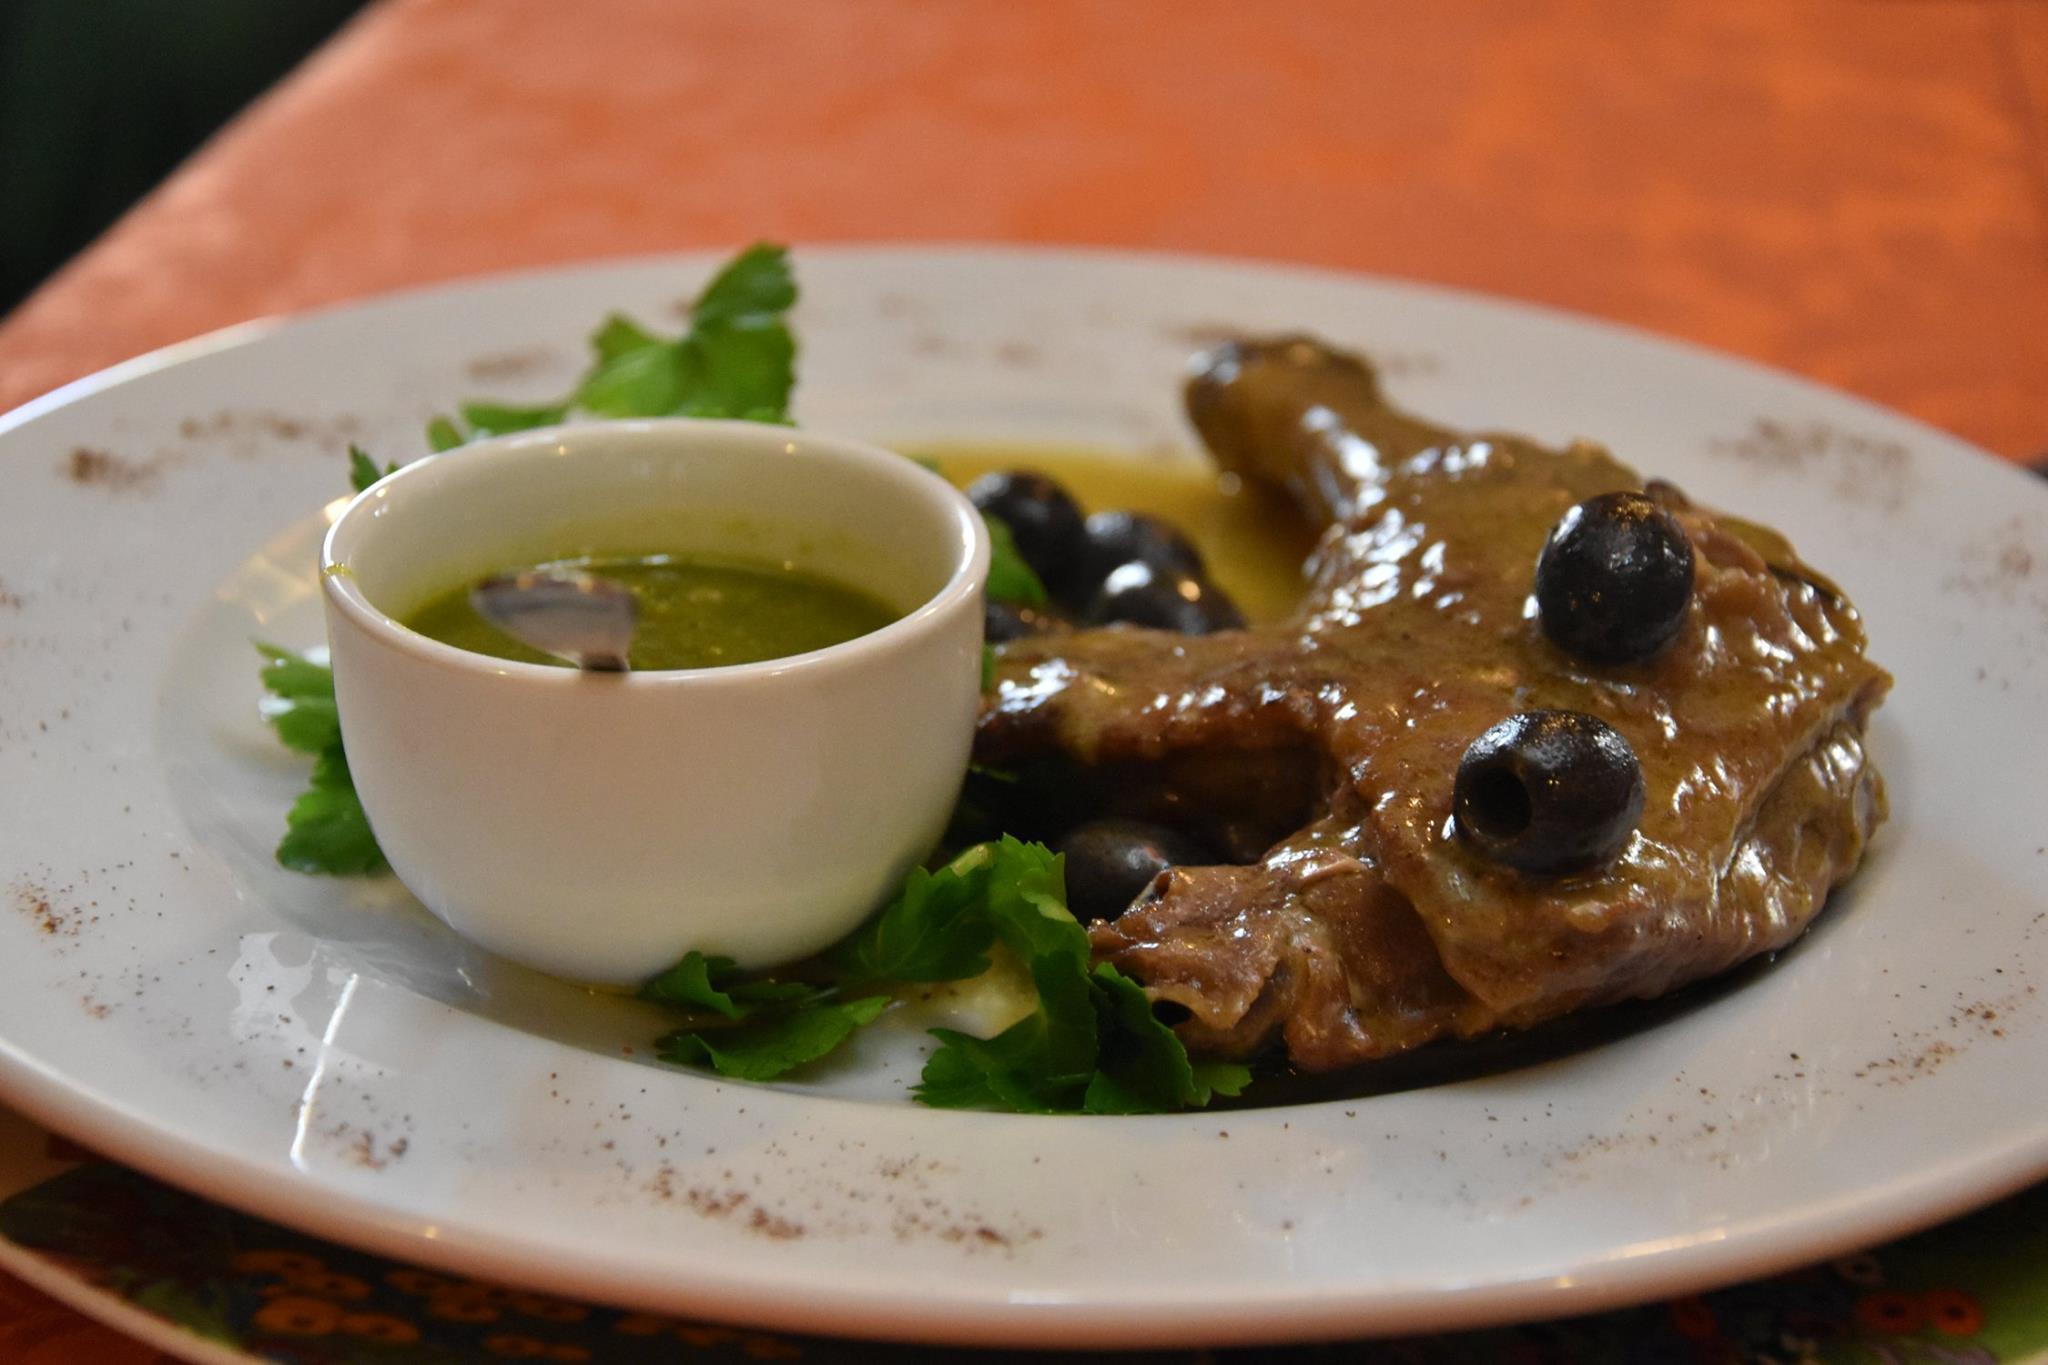 mangiare l'anatra da Ristorante Al Postiglione Rovigo